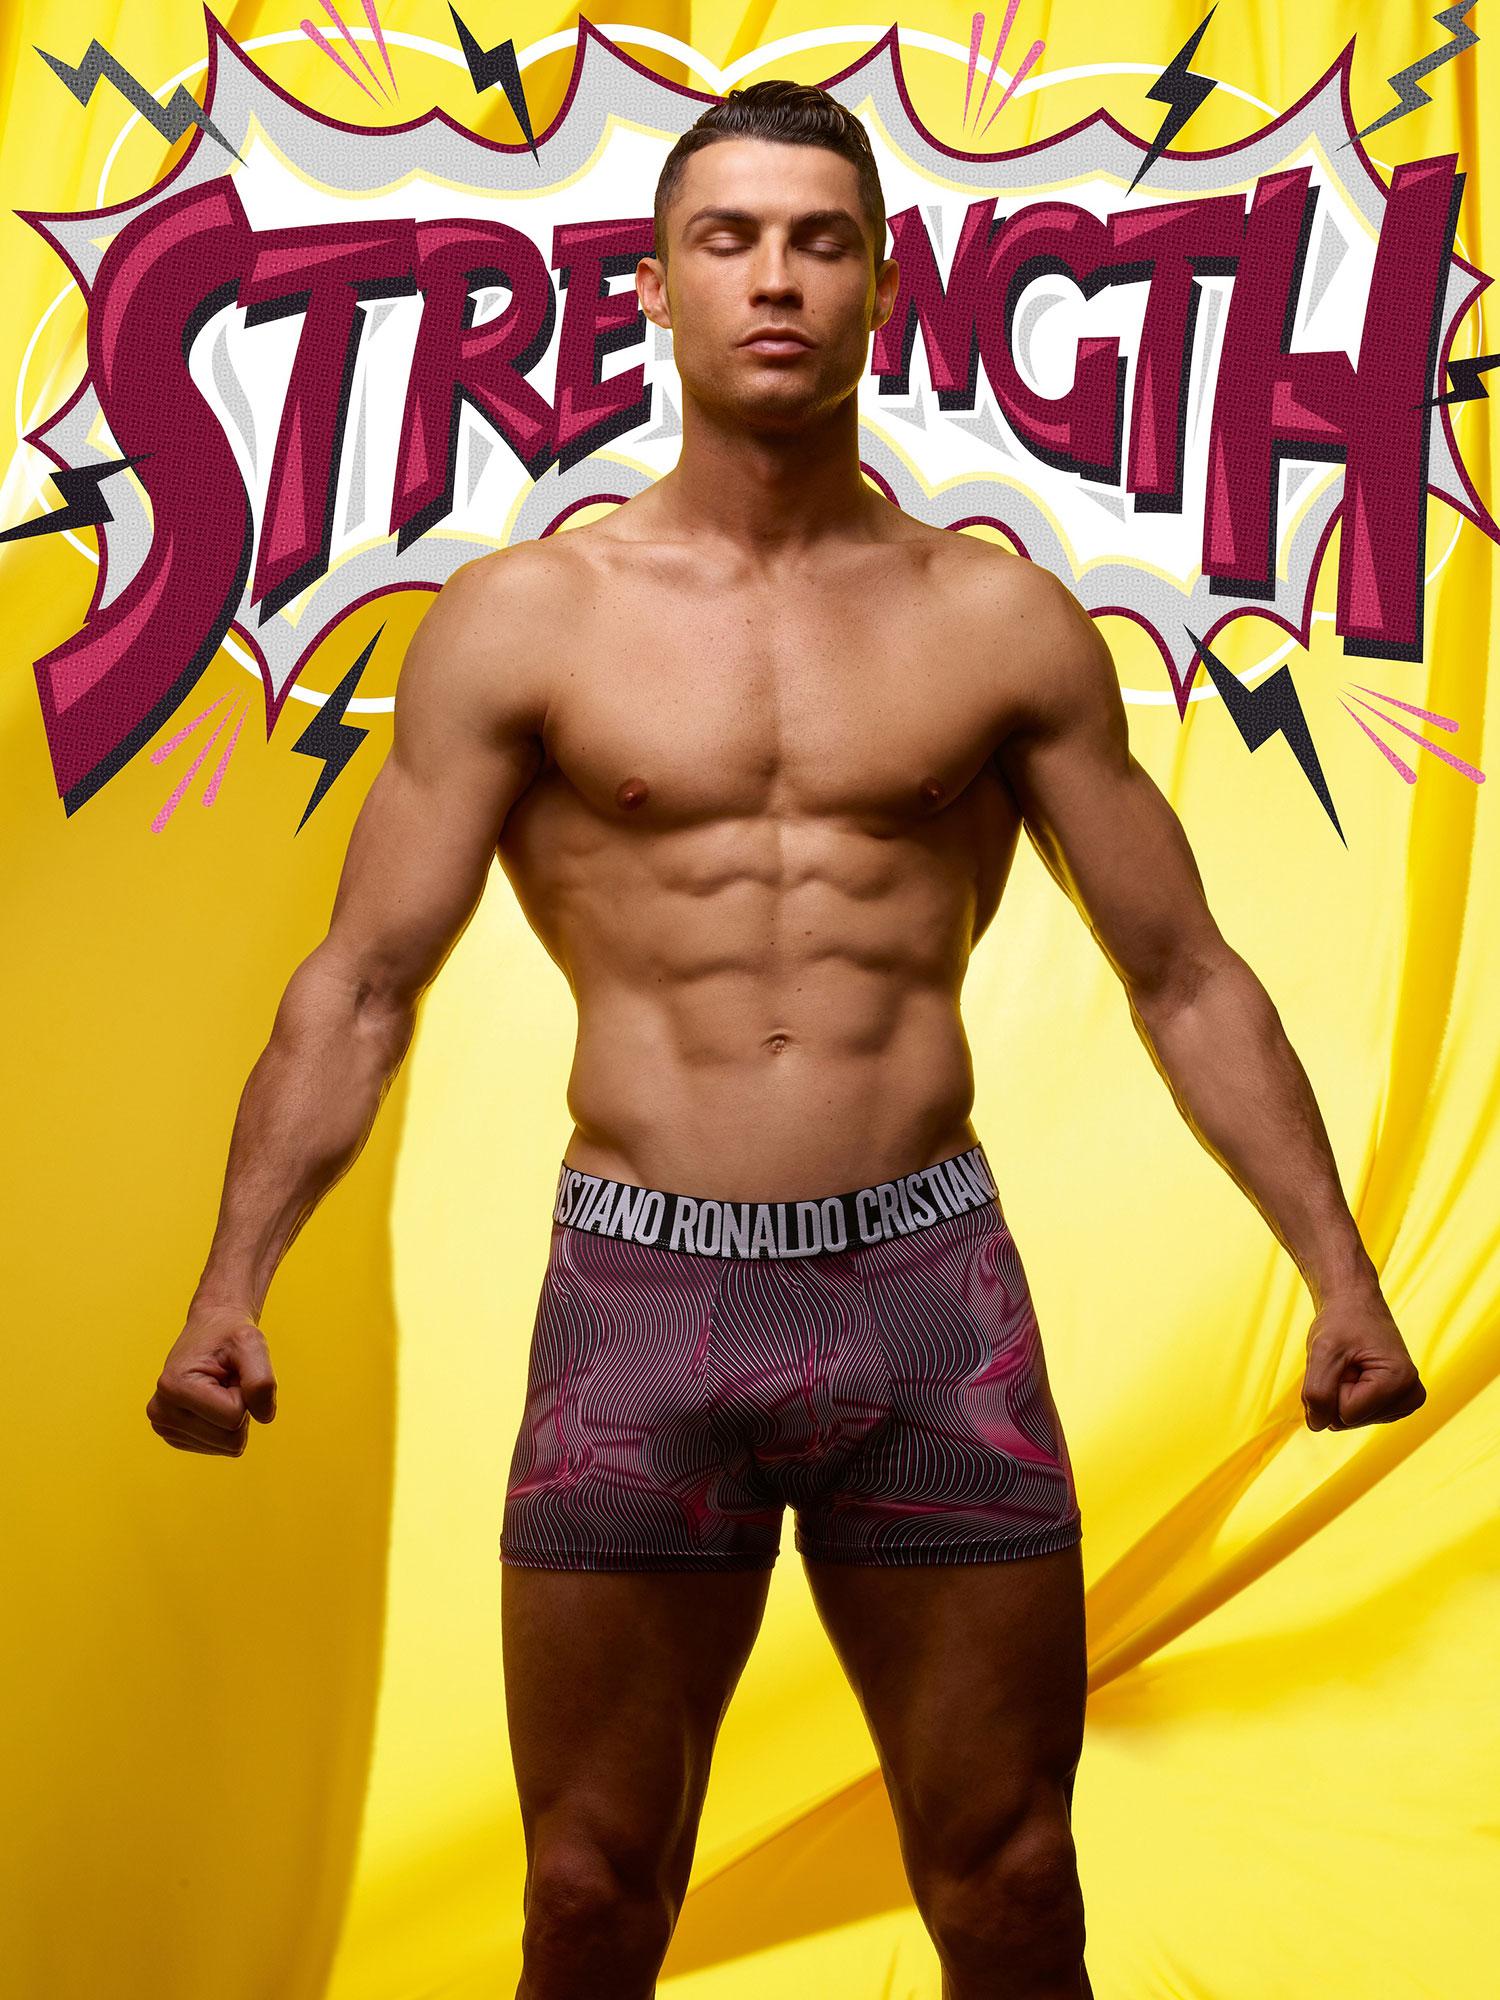 Cristiano Ronaldo CR7 underwear superhero - Cristiano Ronaldo for CR7